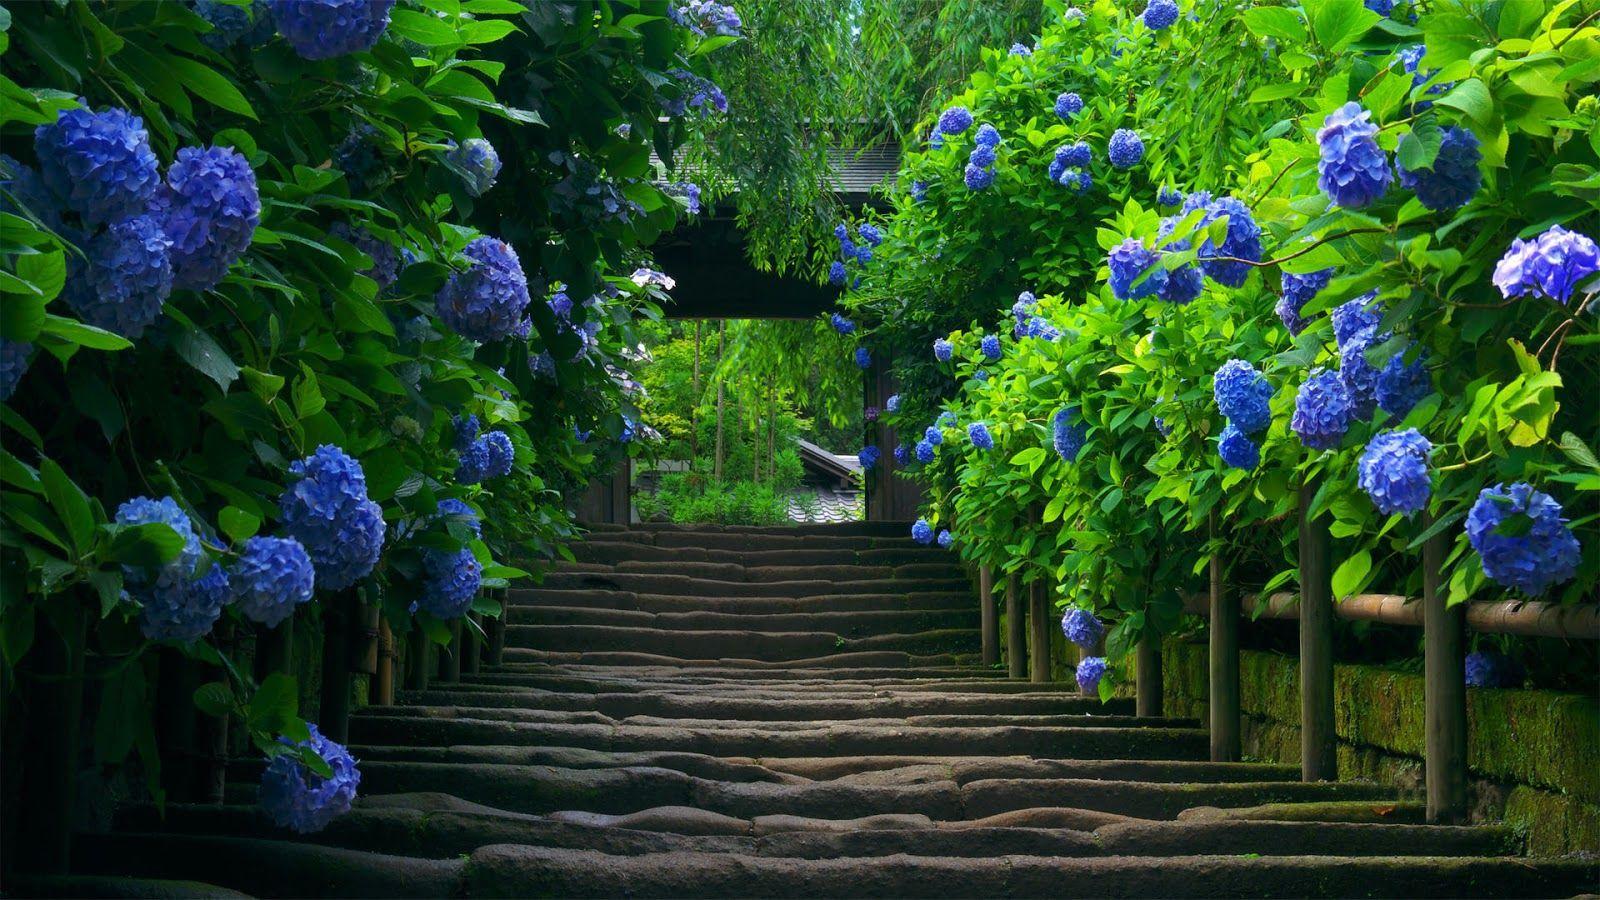 Free Desktop Photos of Nature | free nature desktop backgrounds ...